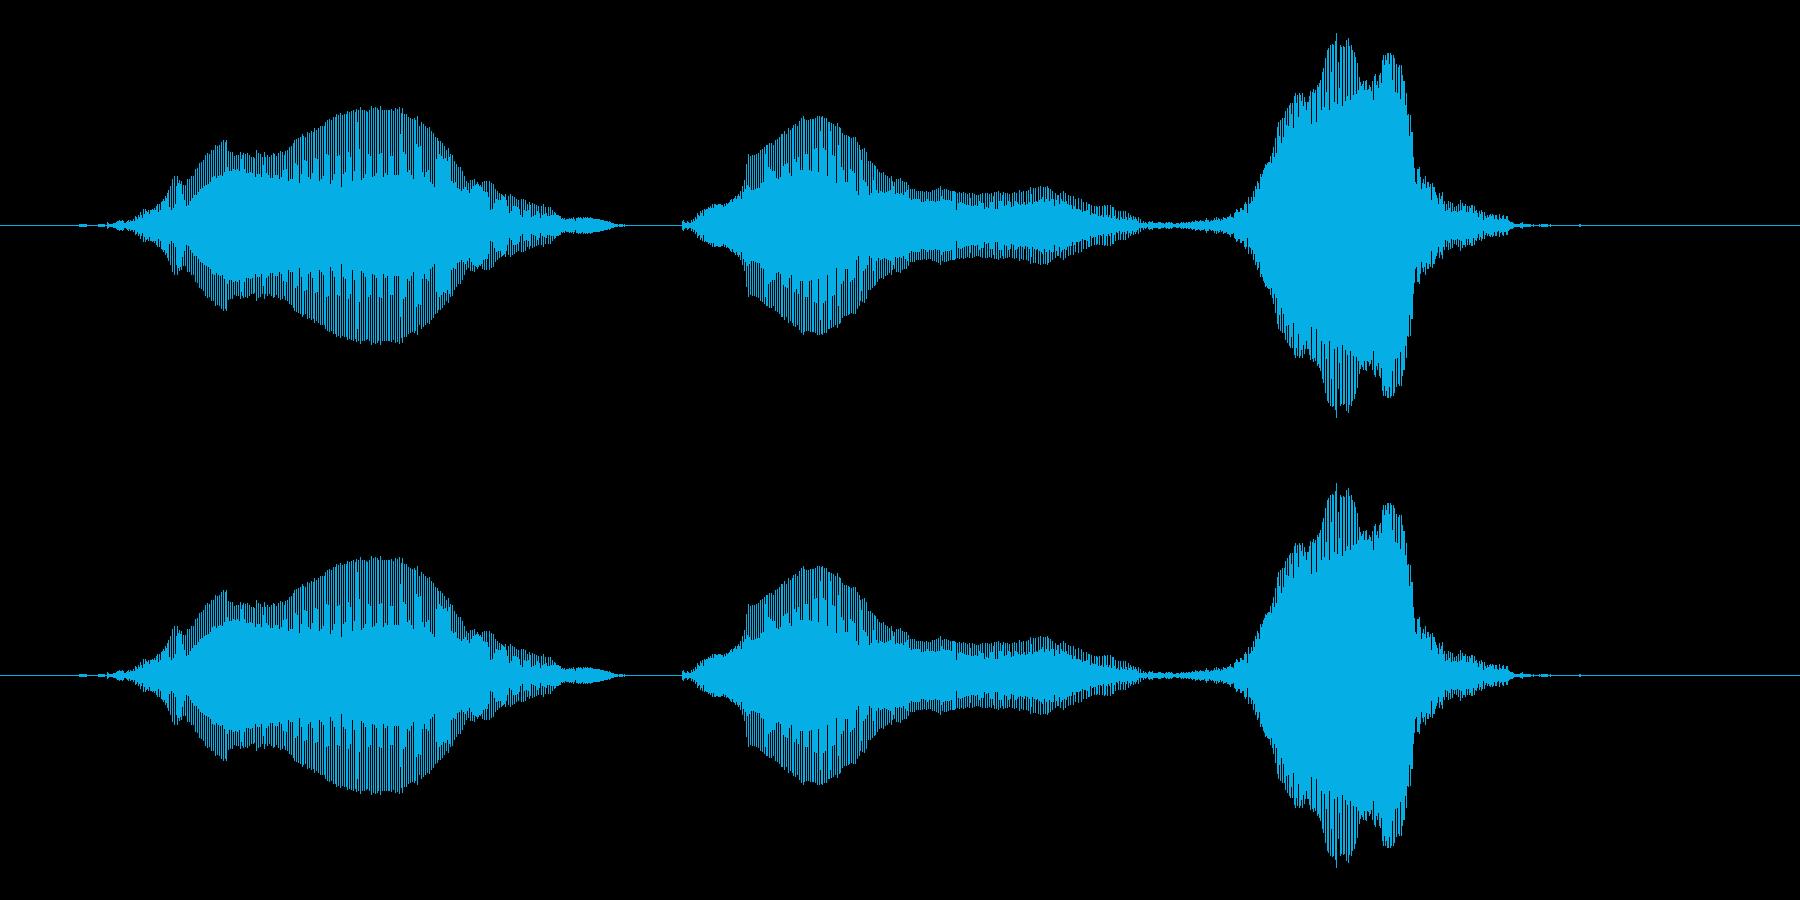 「ジャンケンホイ!」の再生済みの波形